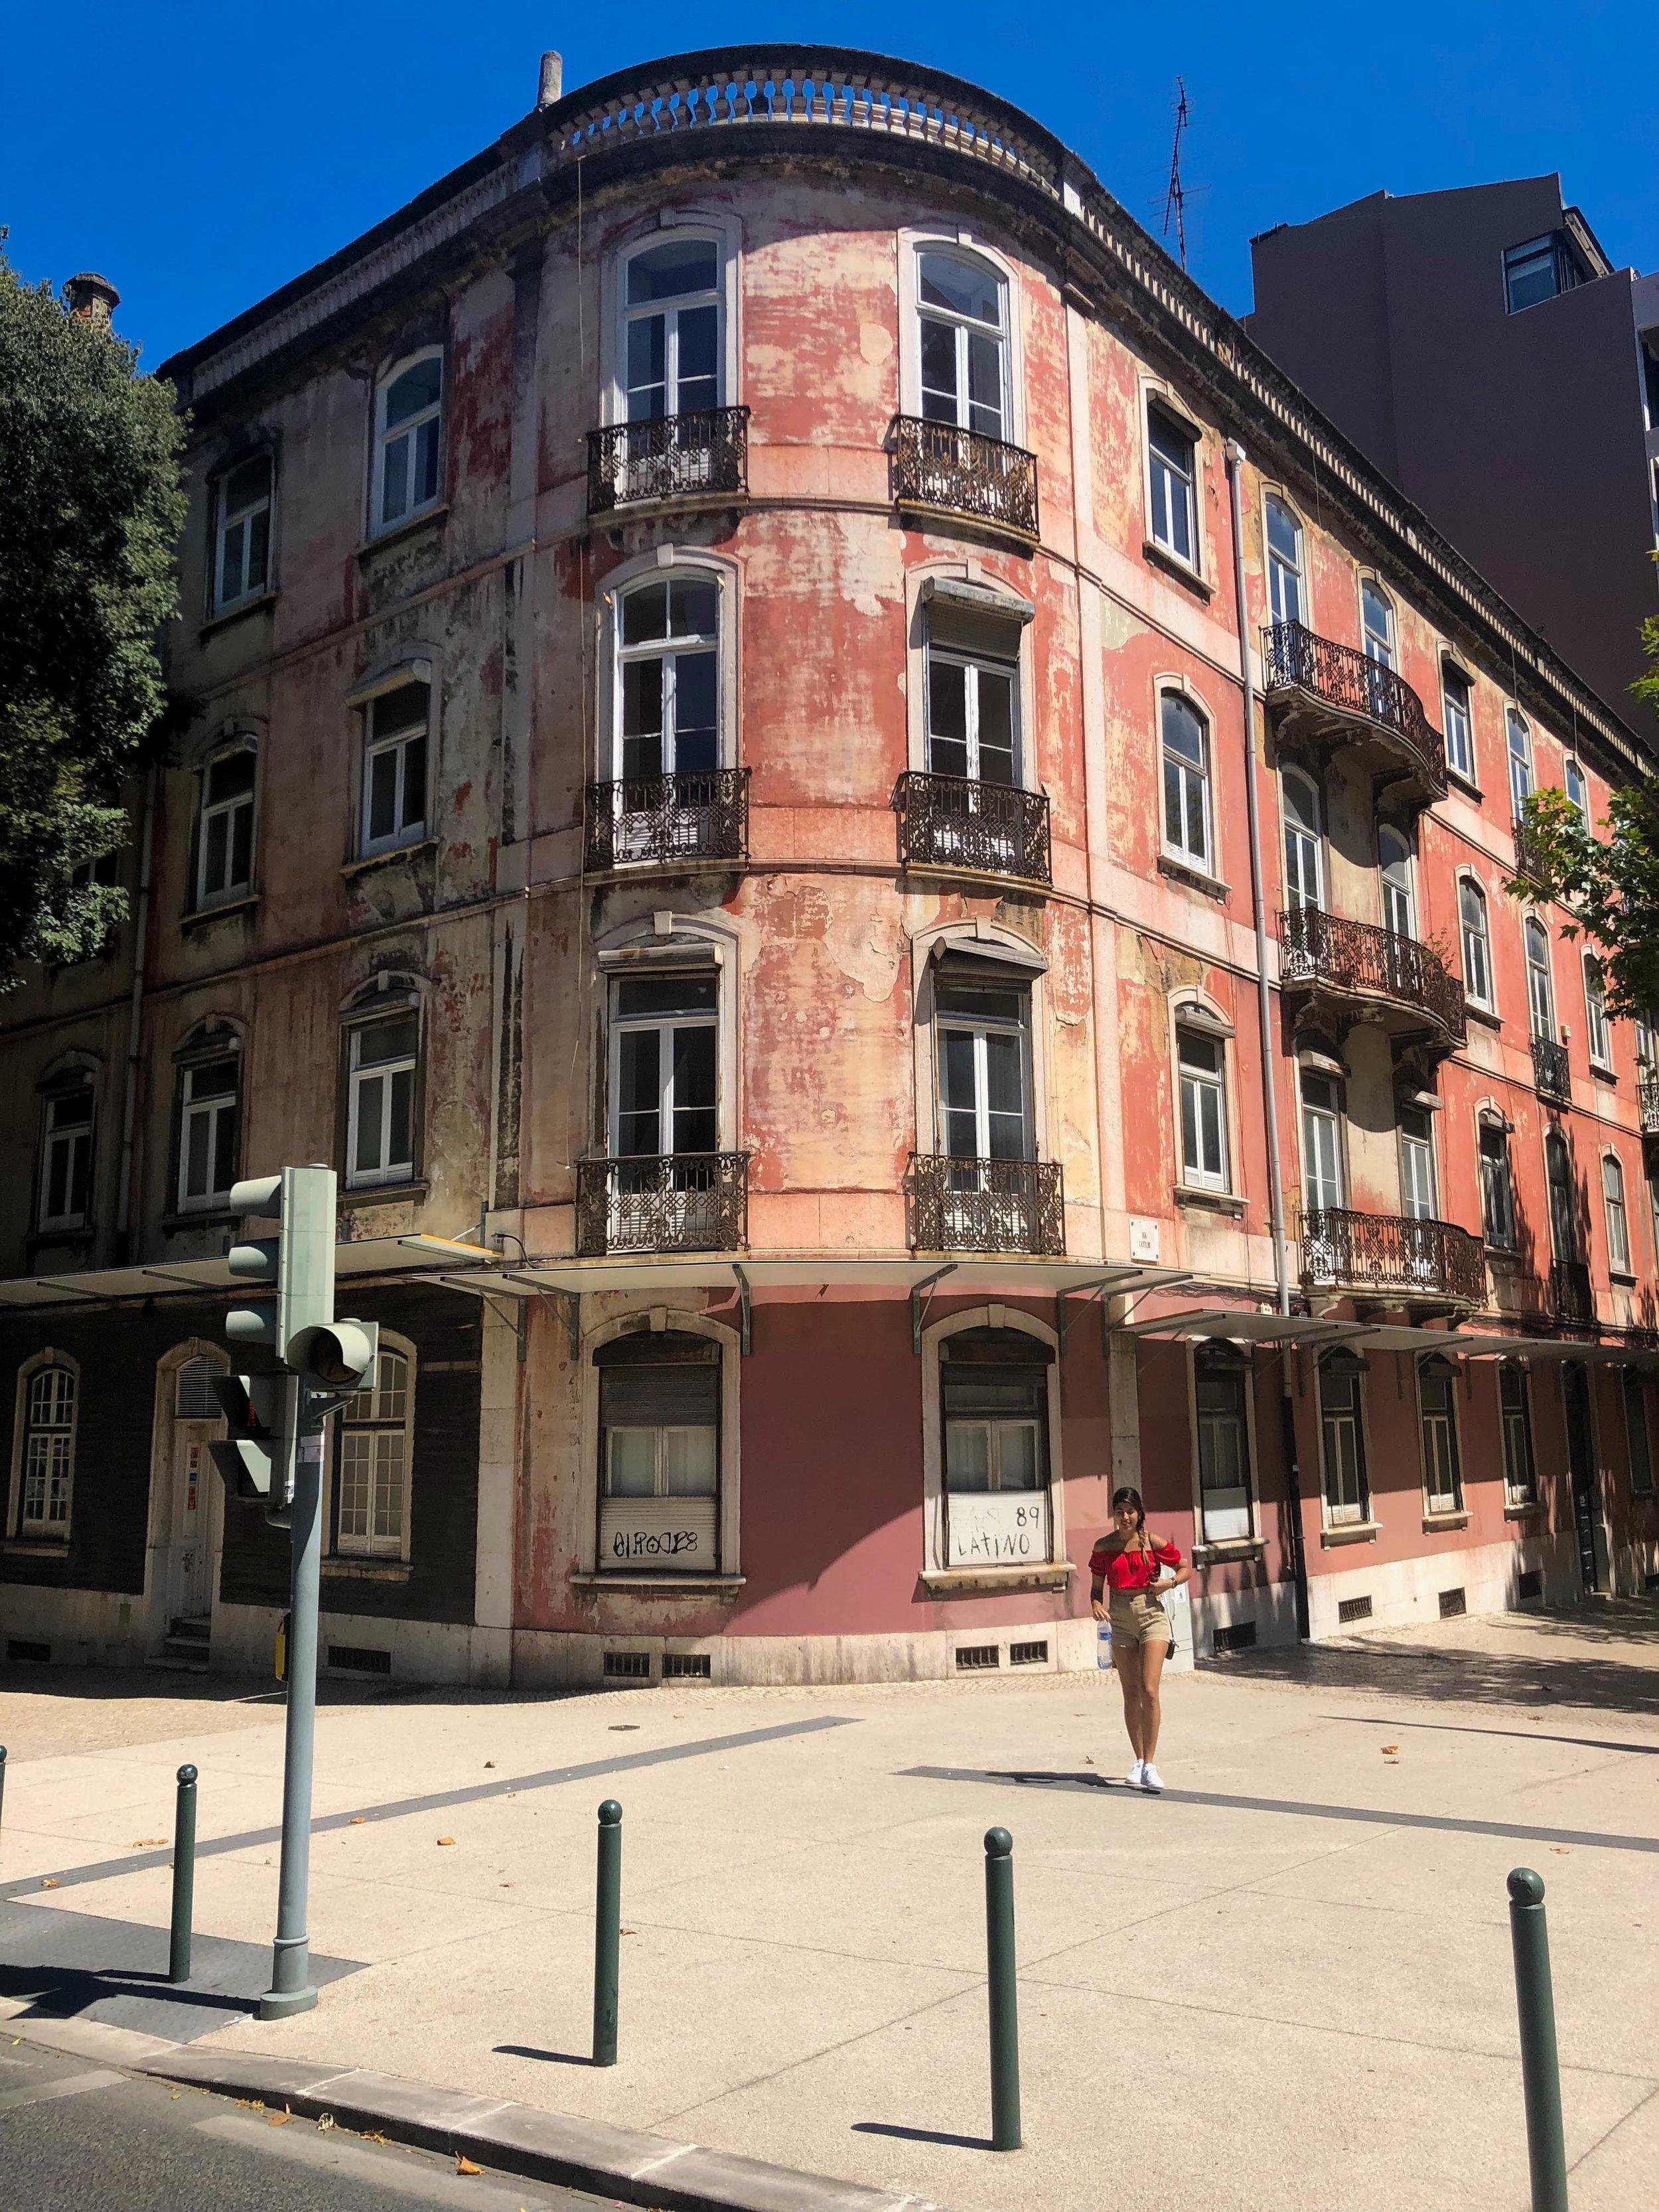 Lisboa Wondrous Abyss 43.jpg